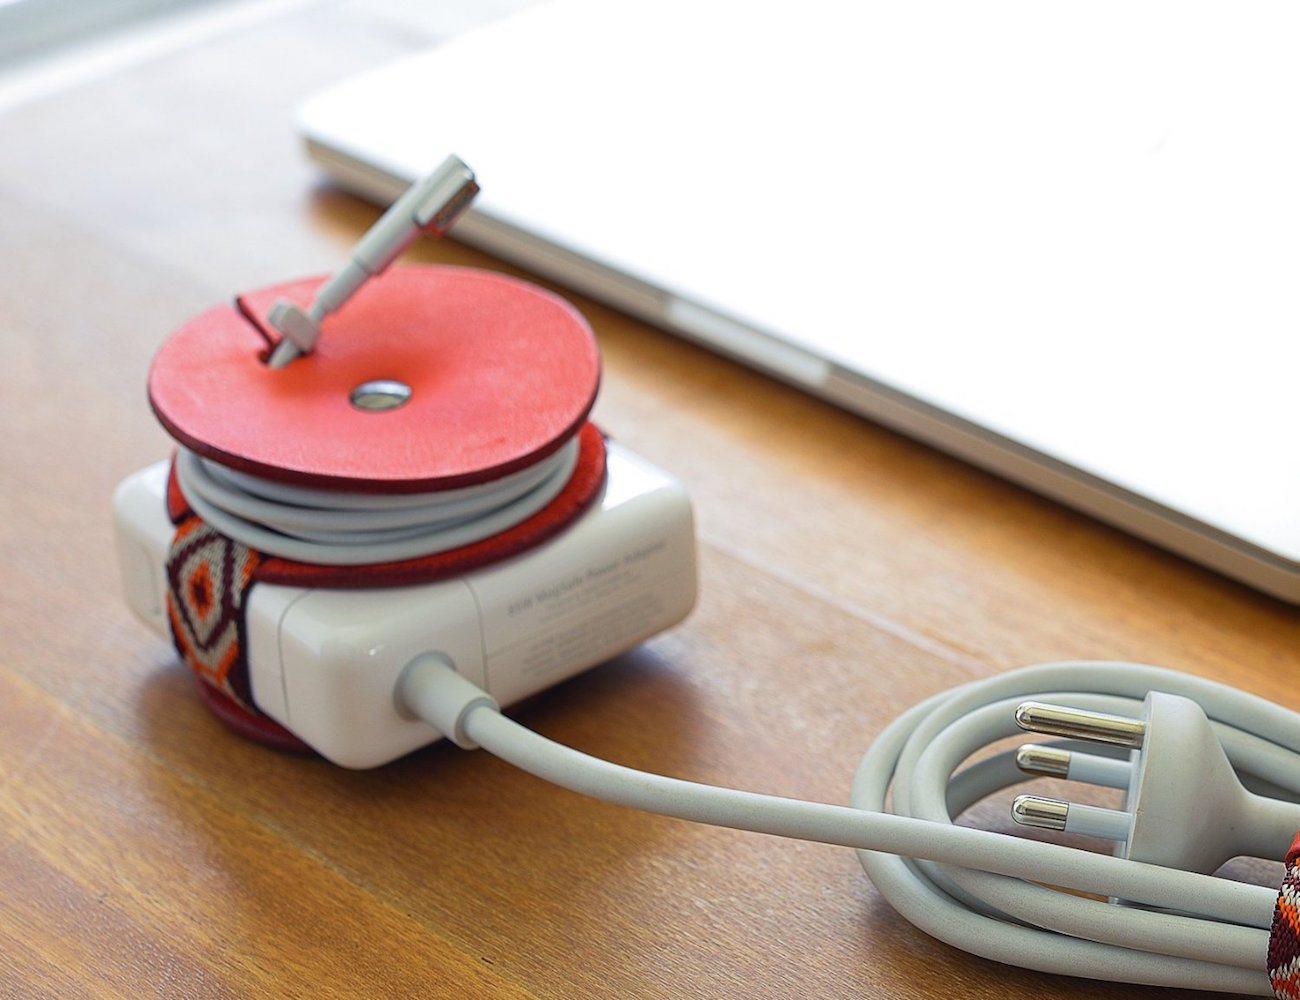 PowerPlay – Macbook Adapter Cord Organizer